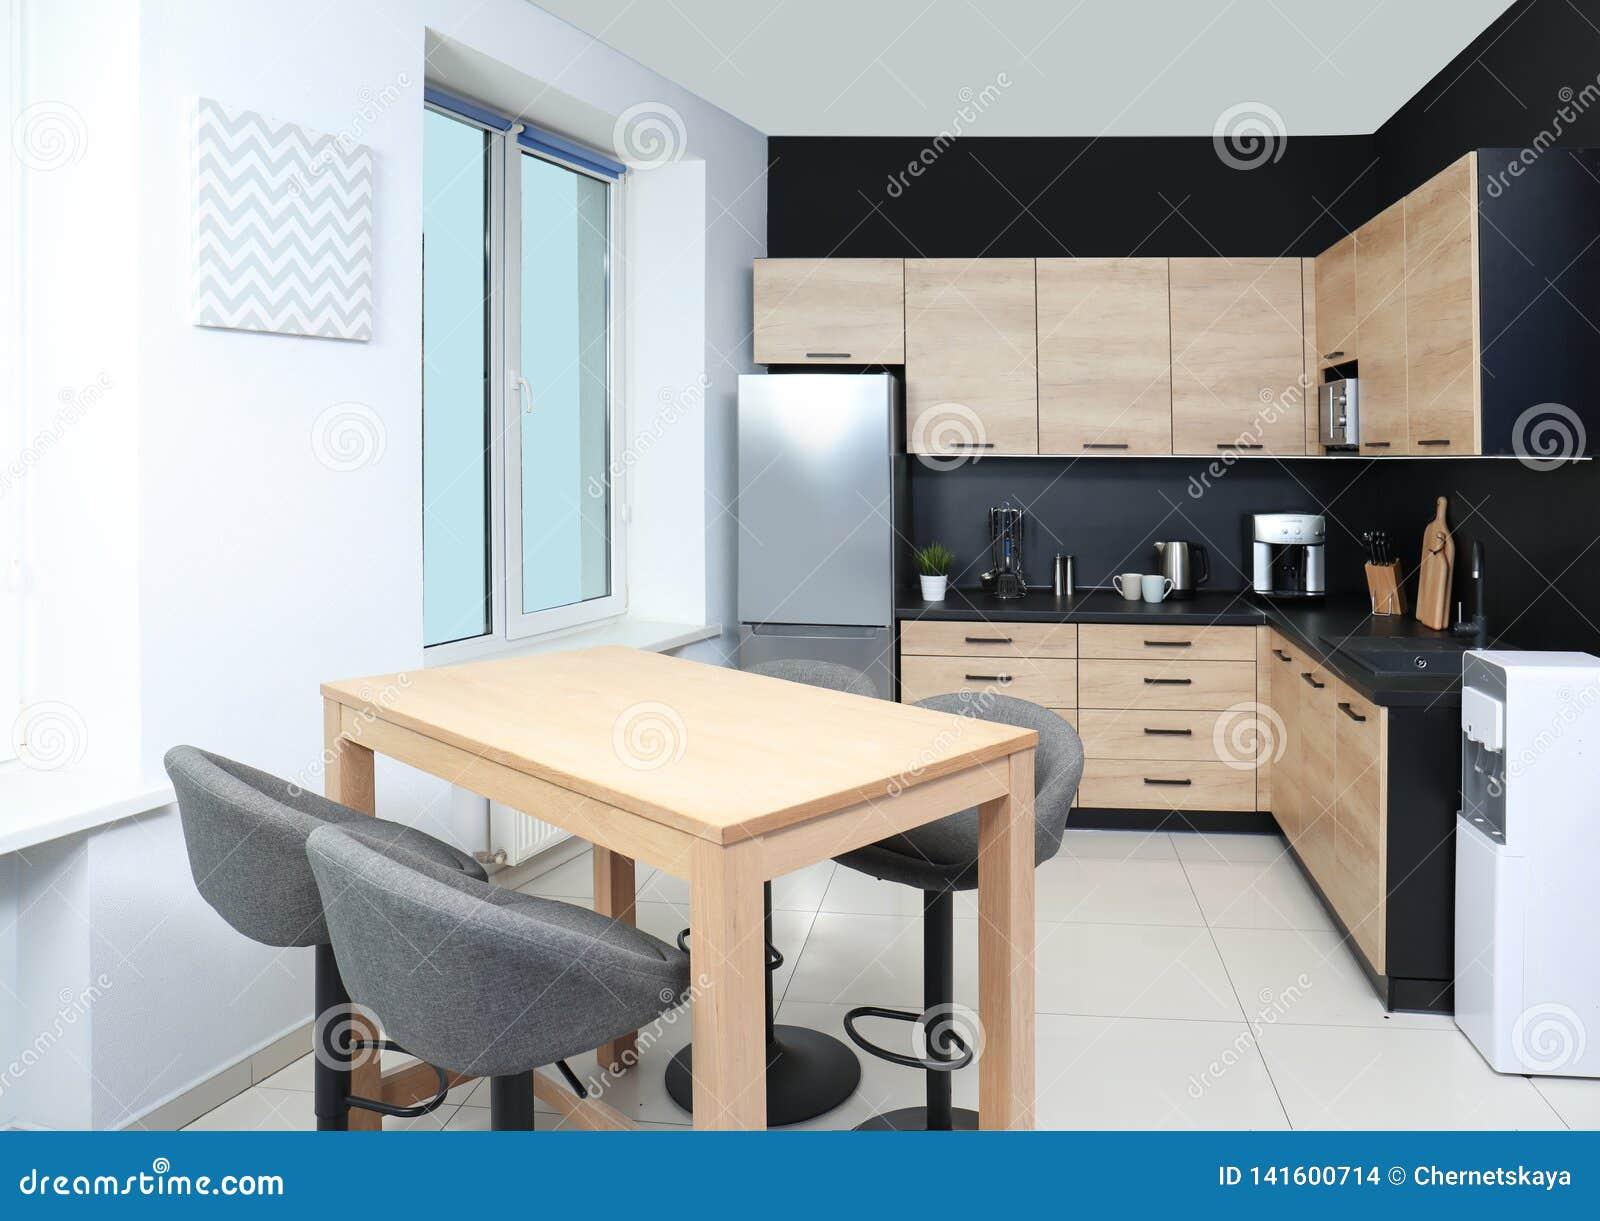 Cocina Moderna Acogedora Interior Con Nuevos Muebles Foto de ...